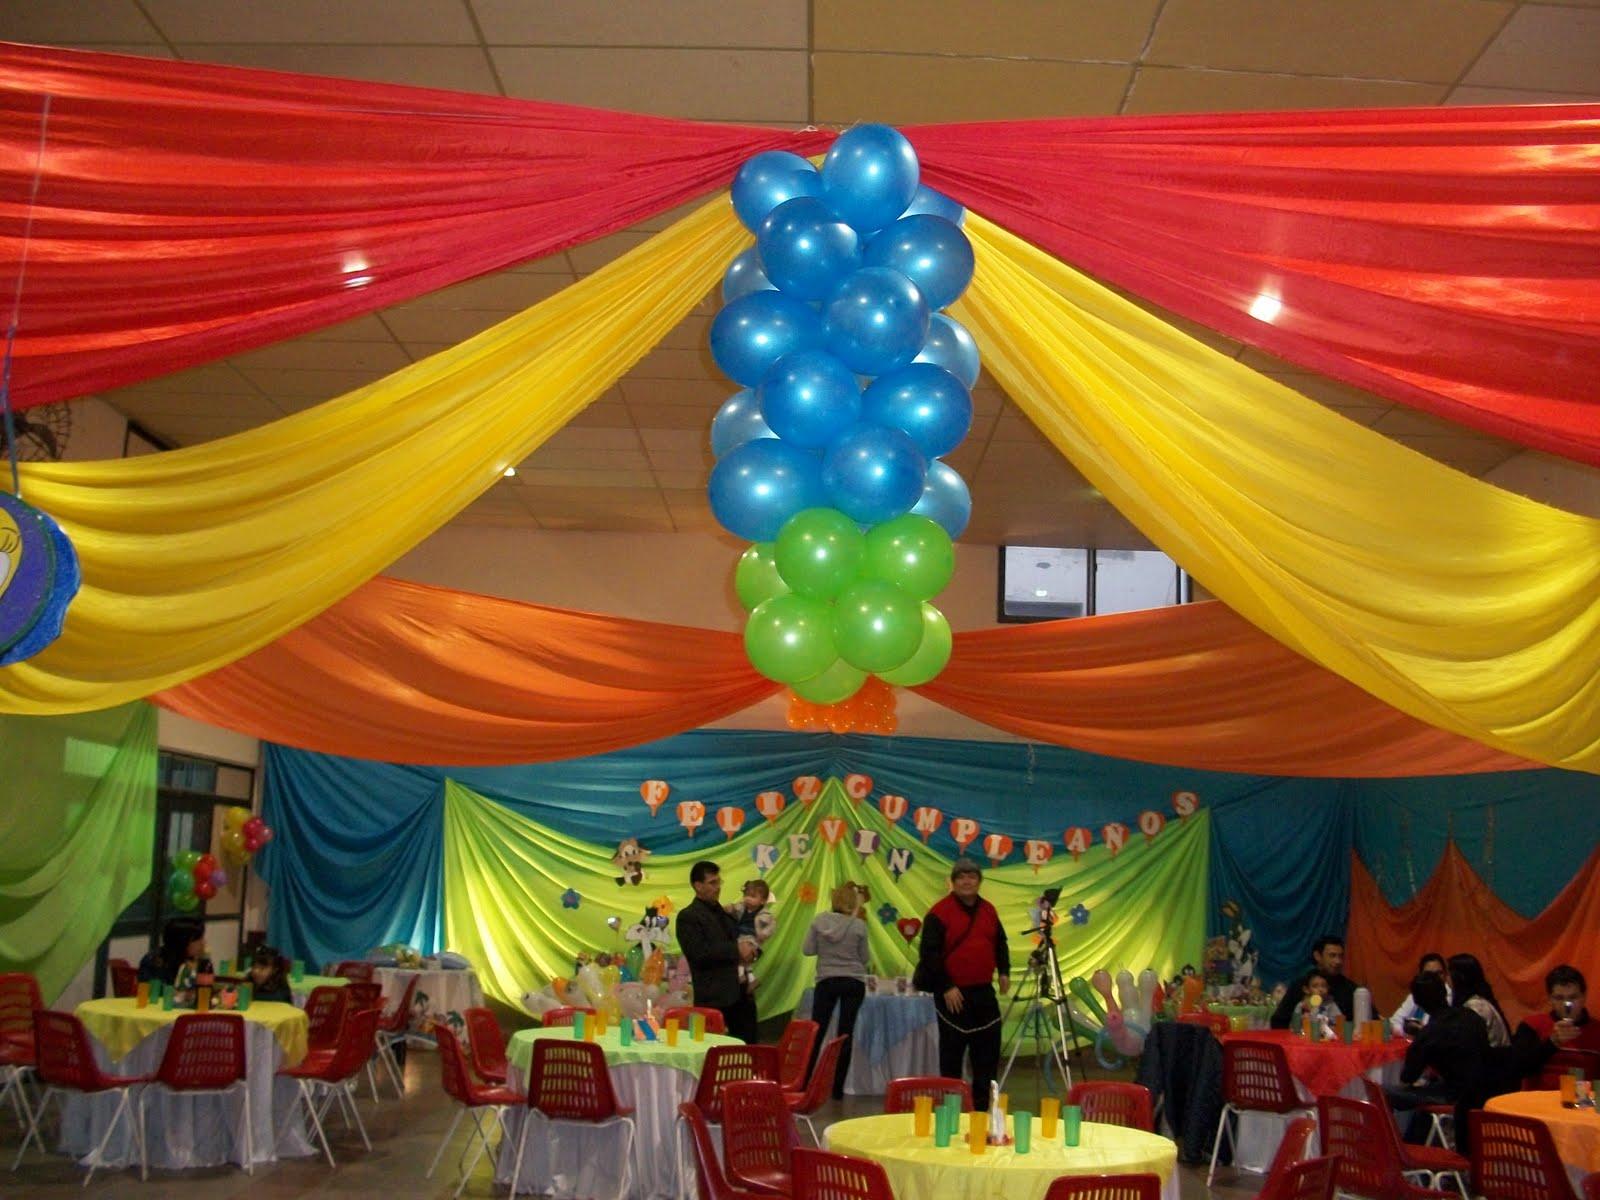 Decoraciones con globo car interior design - Decoraciones con globos ...